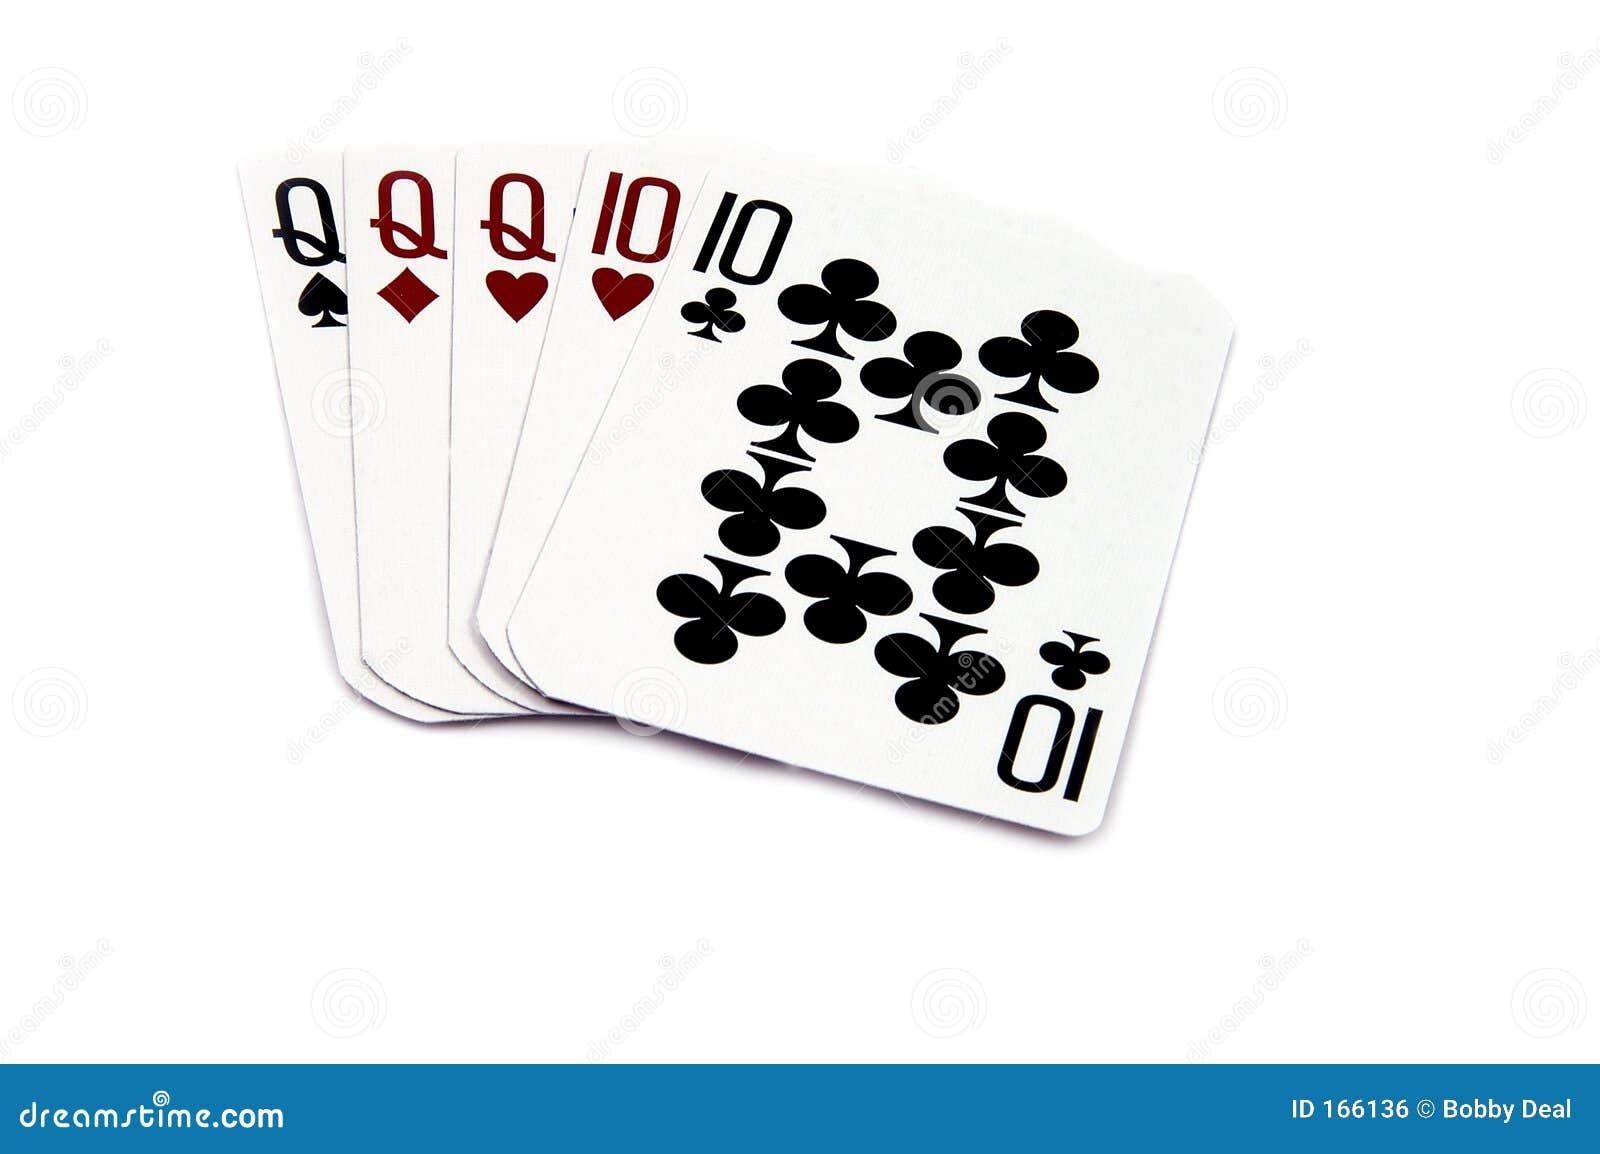 full house beats flush poker chips